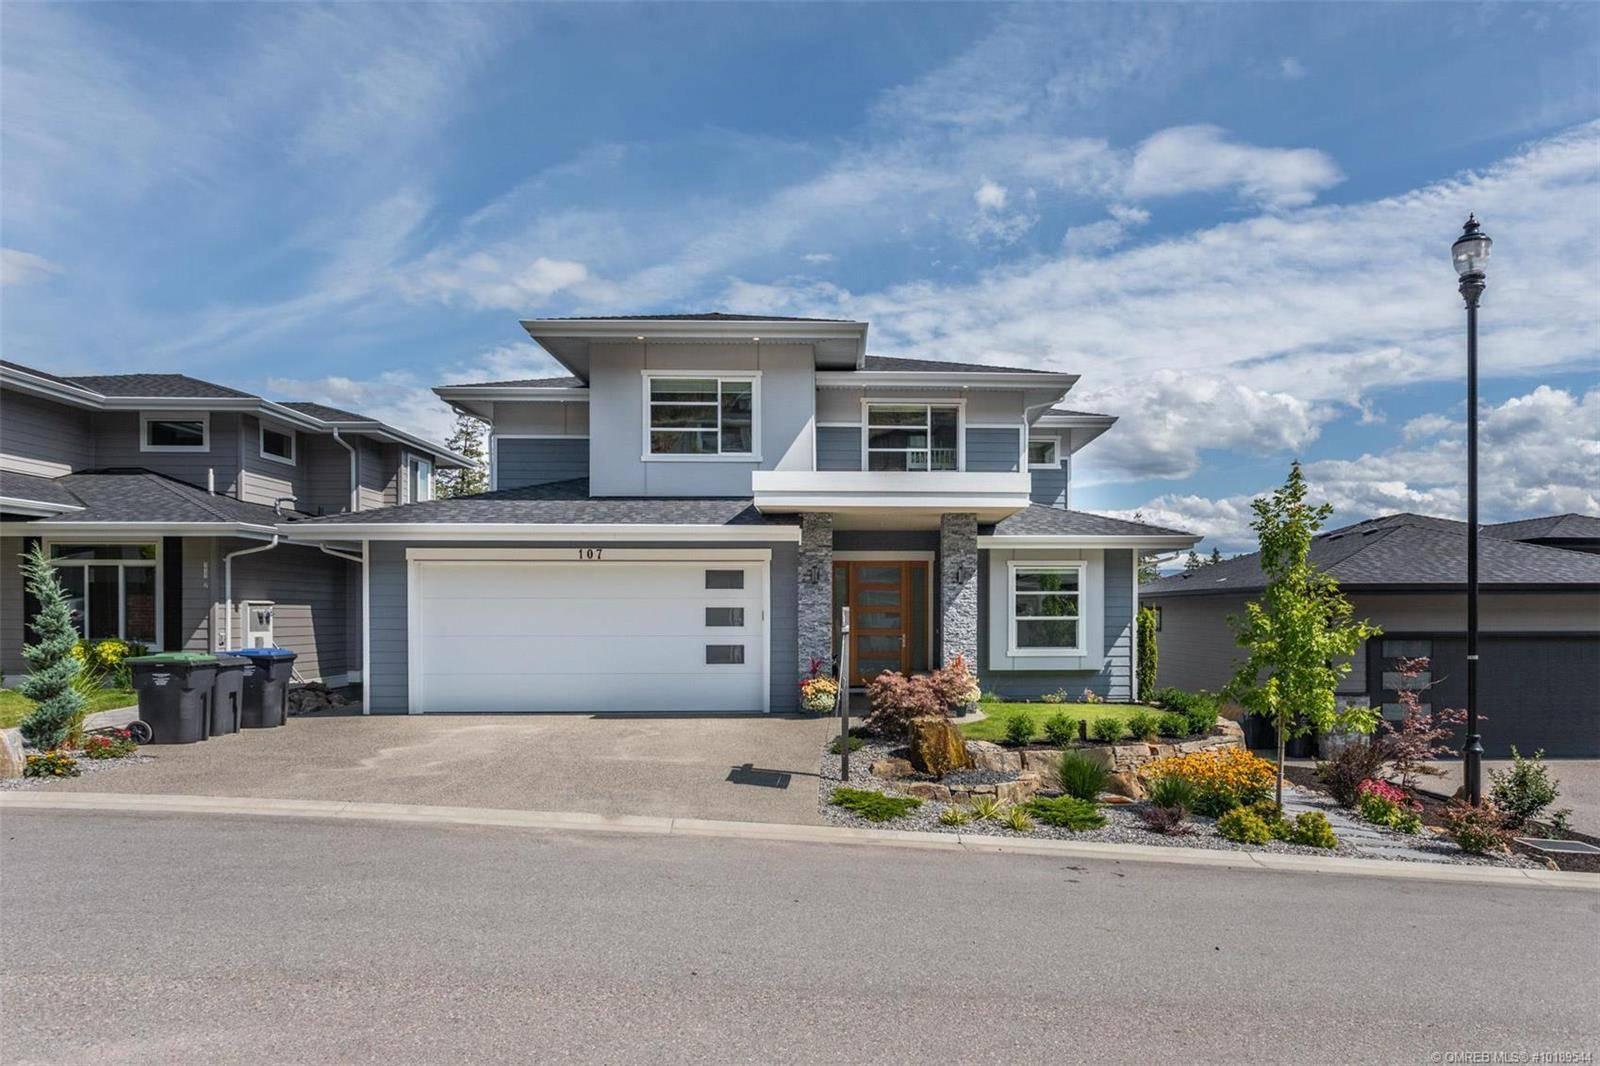 House for sale at 107 Split Pine Ct Kelowna British Columbia - MLS: 10189544